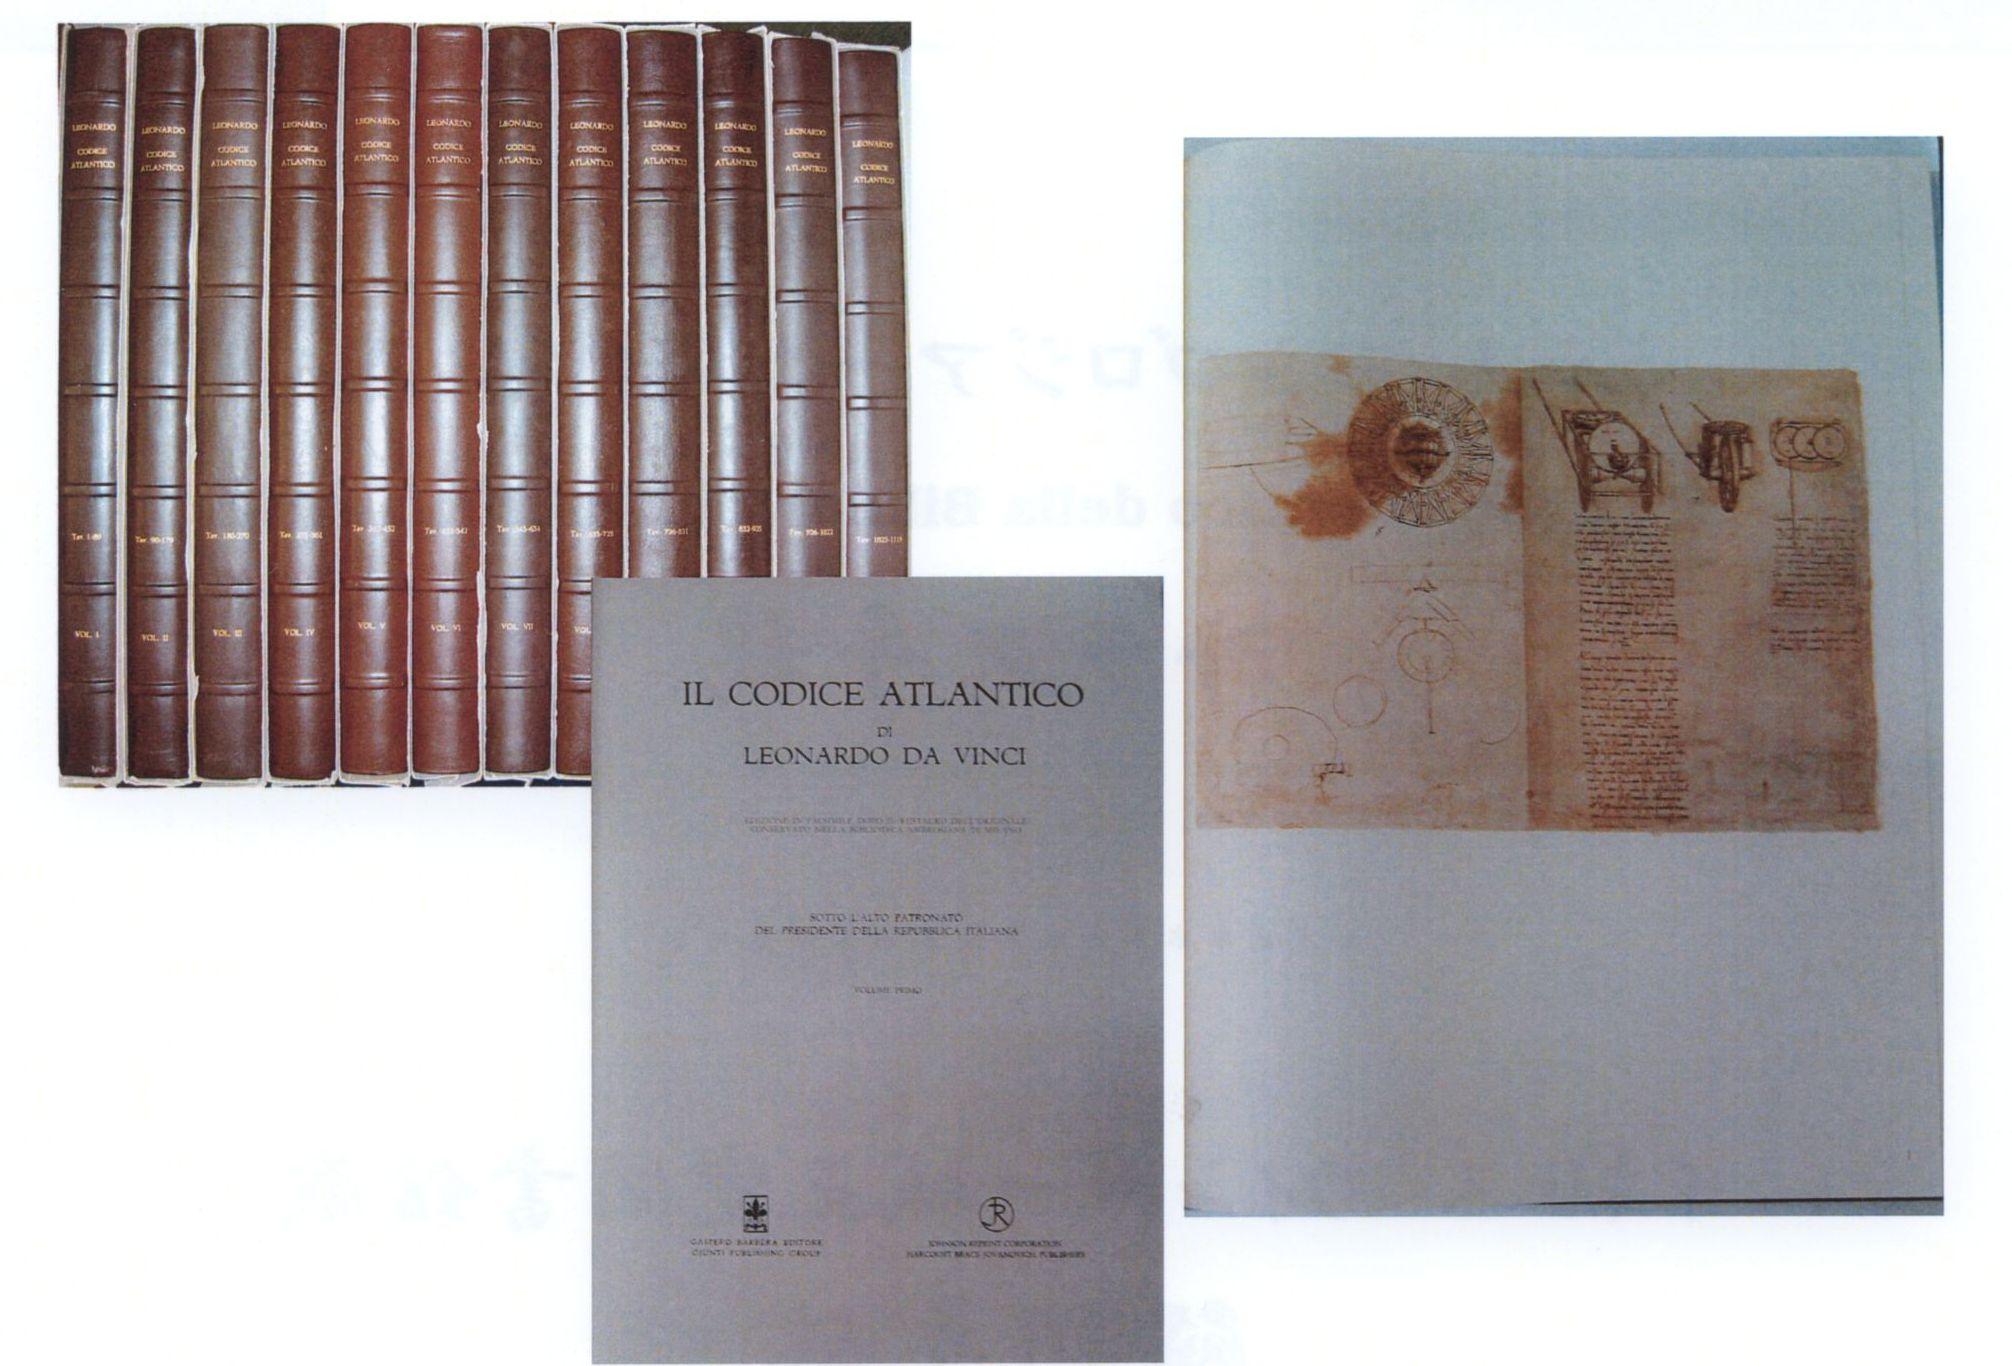 レオナルド・ダ・ヴィンチ手稿(復刻版)  –  文生書院